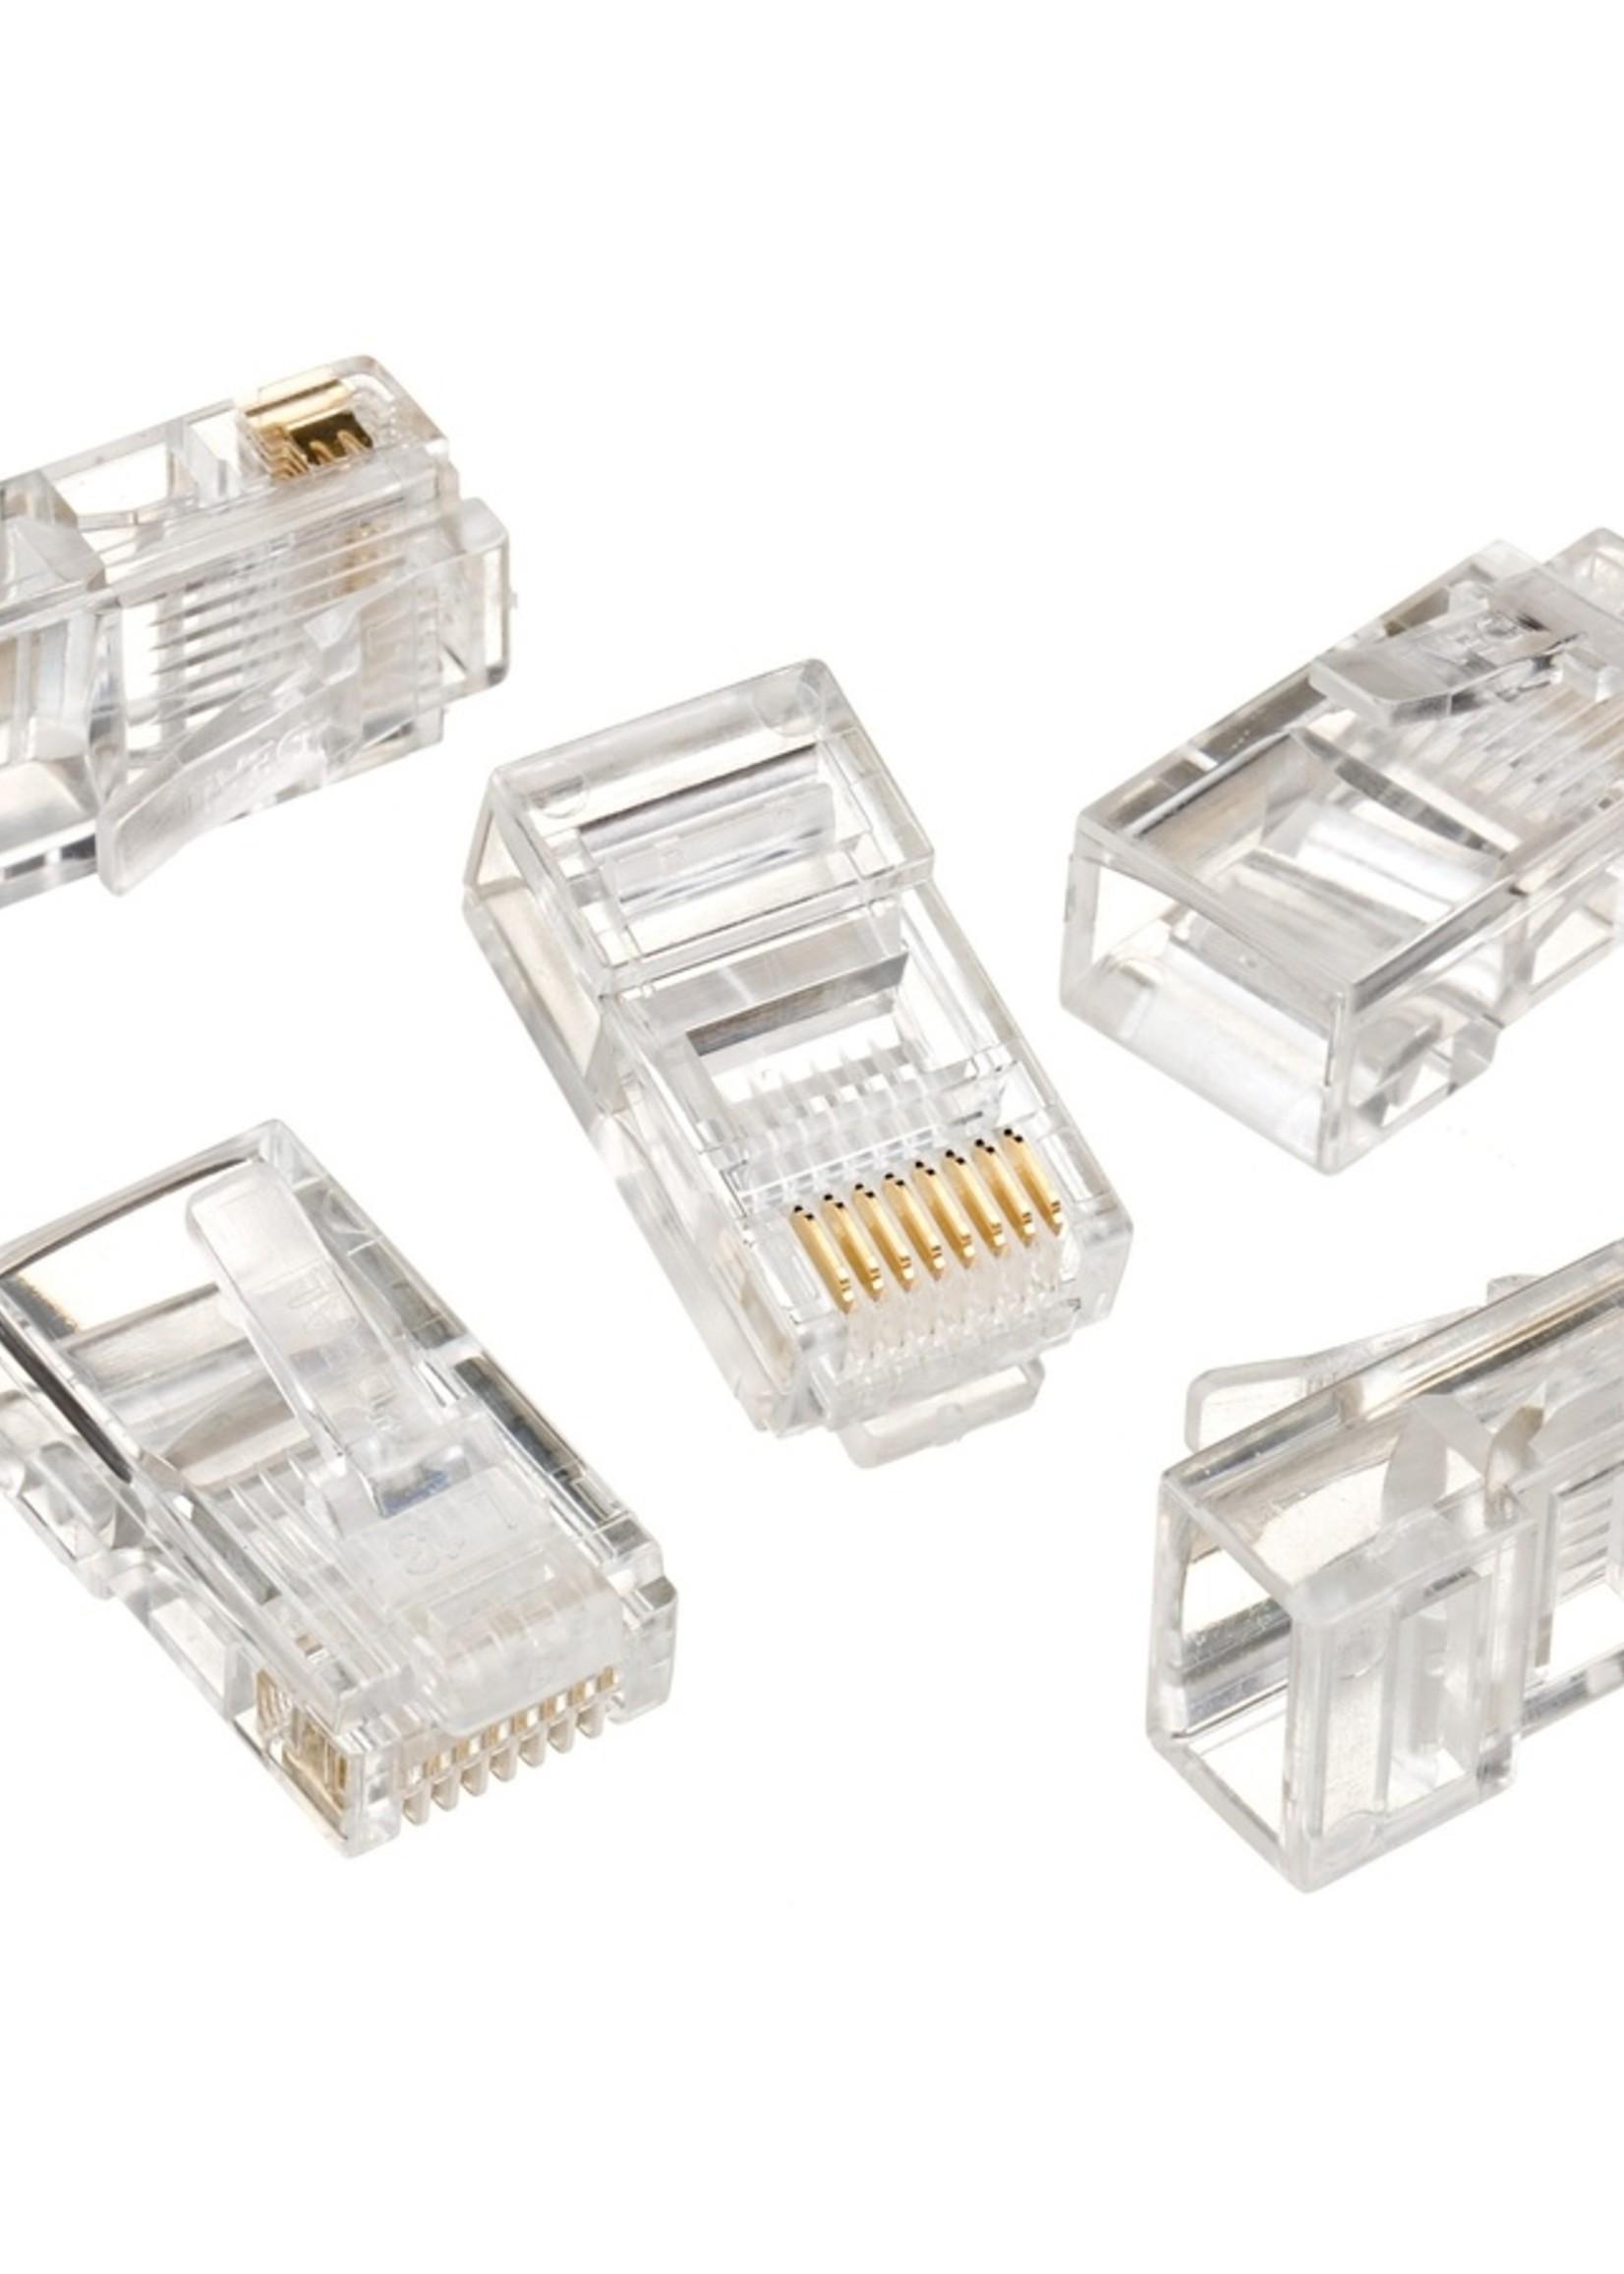 No-name UTP connector 8-pins 8P8C (RJ45) voor CAT5, 10 stuks